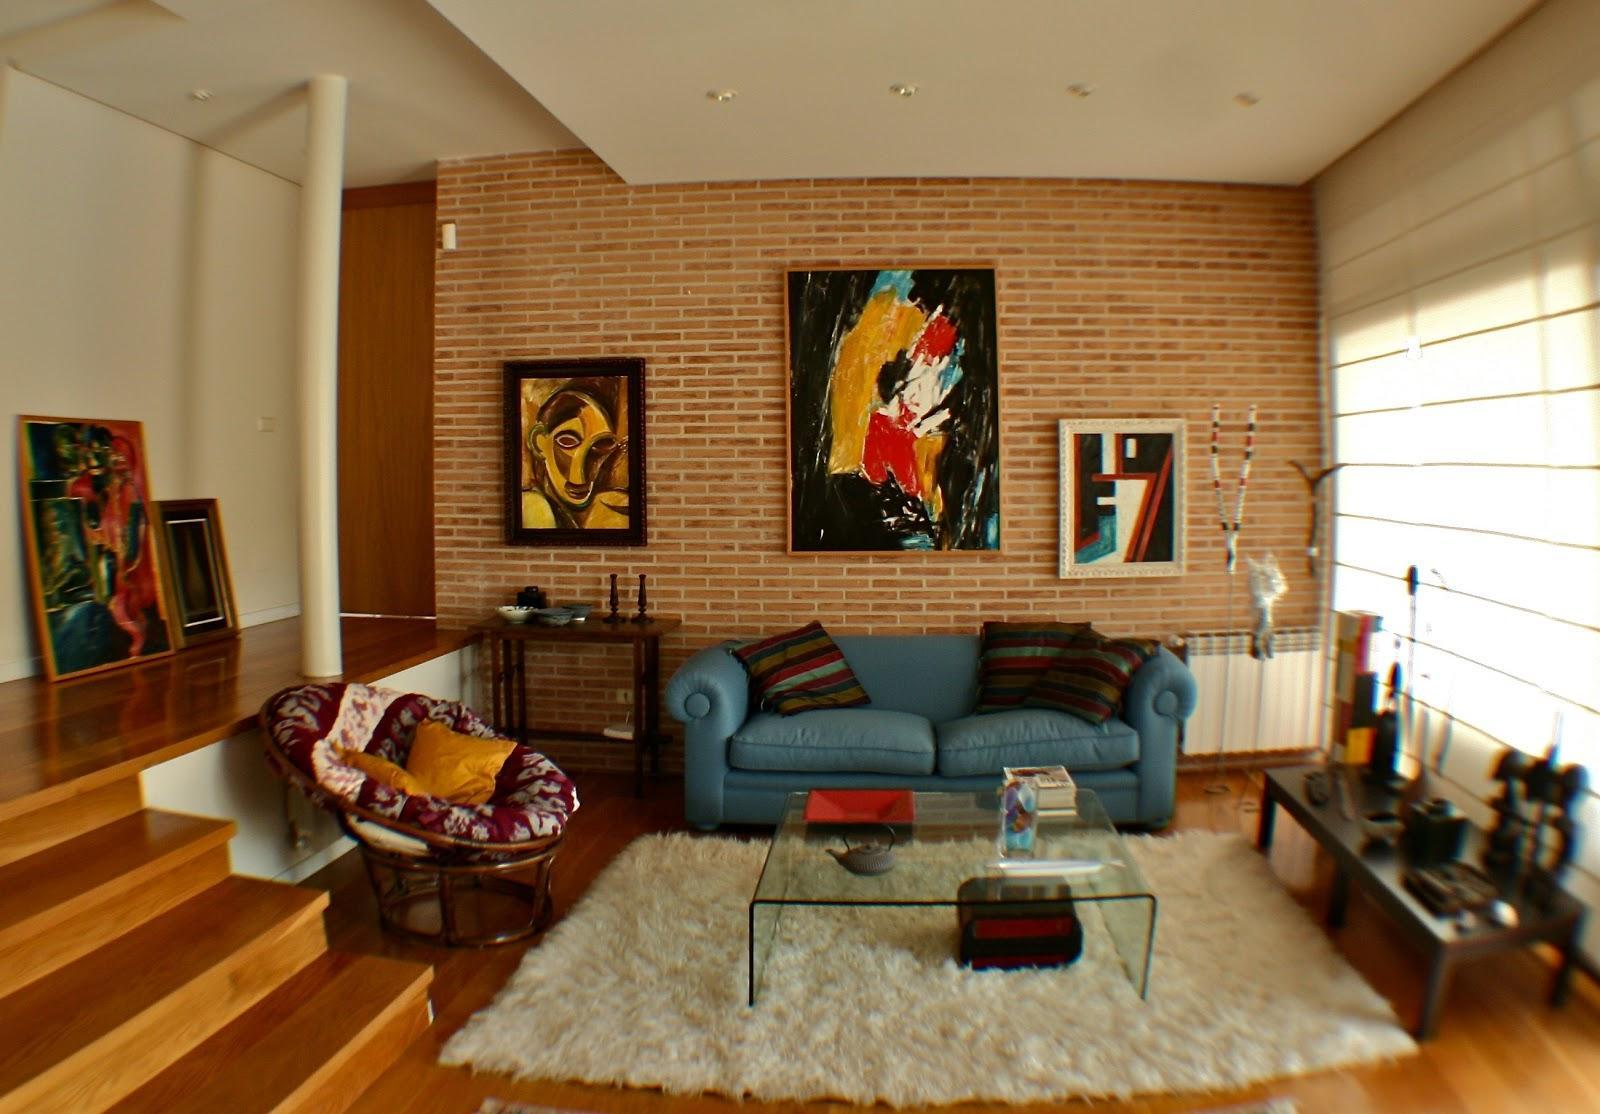 Ladrillo cara vista en interiores paperblog - Decoracion paredes interiores ...